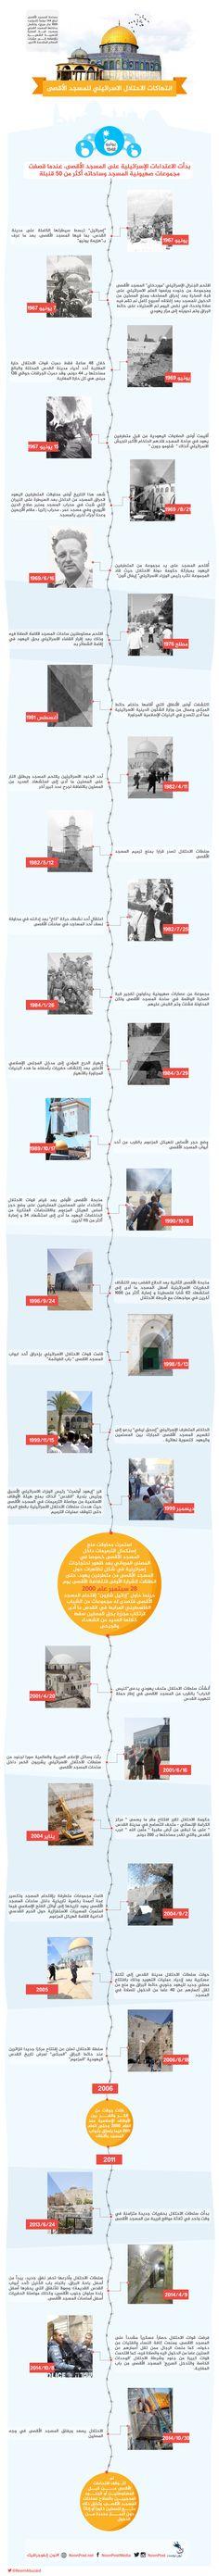 أنفوجرافيك المخاطر التي تهدد #المسجد_الأقصى